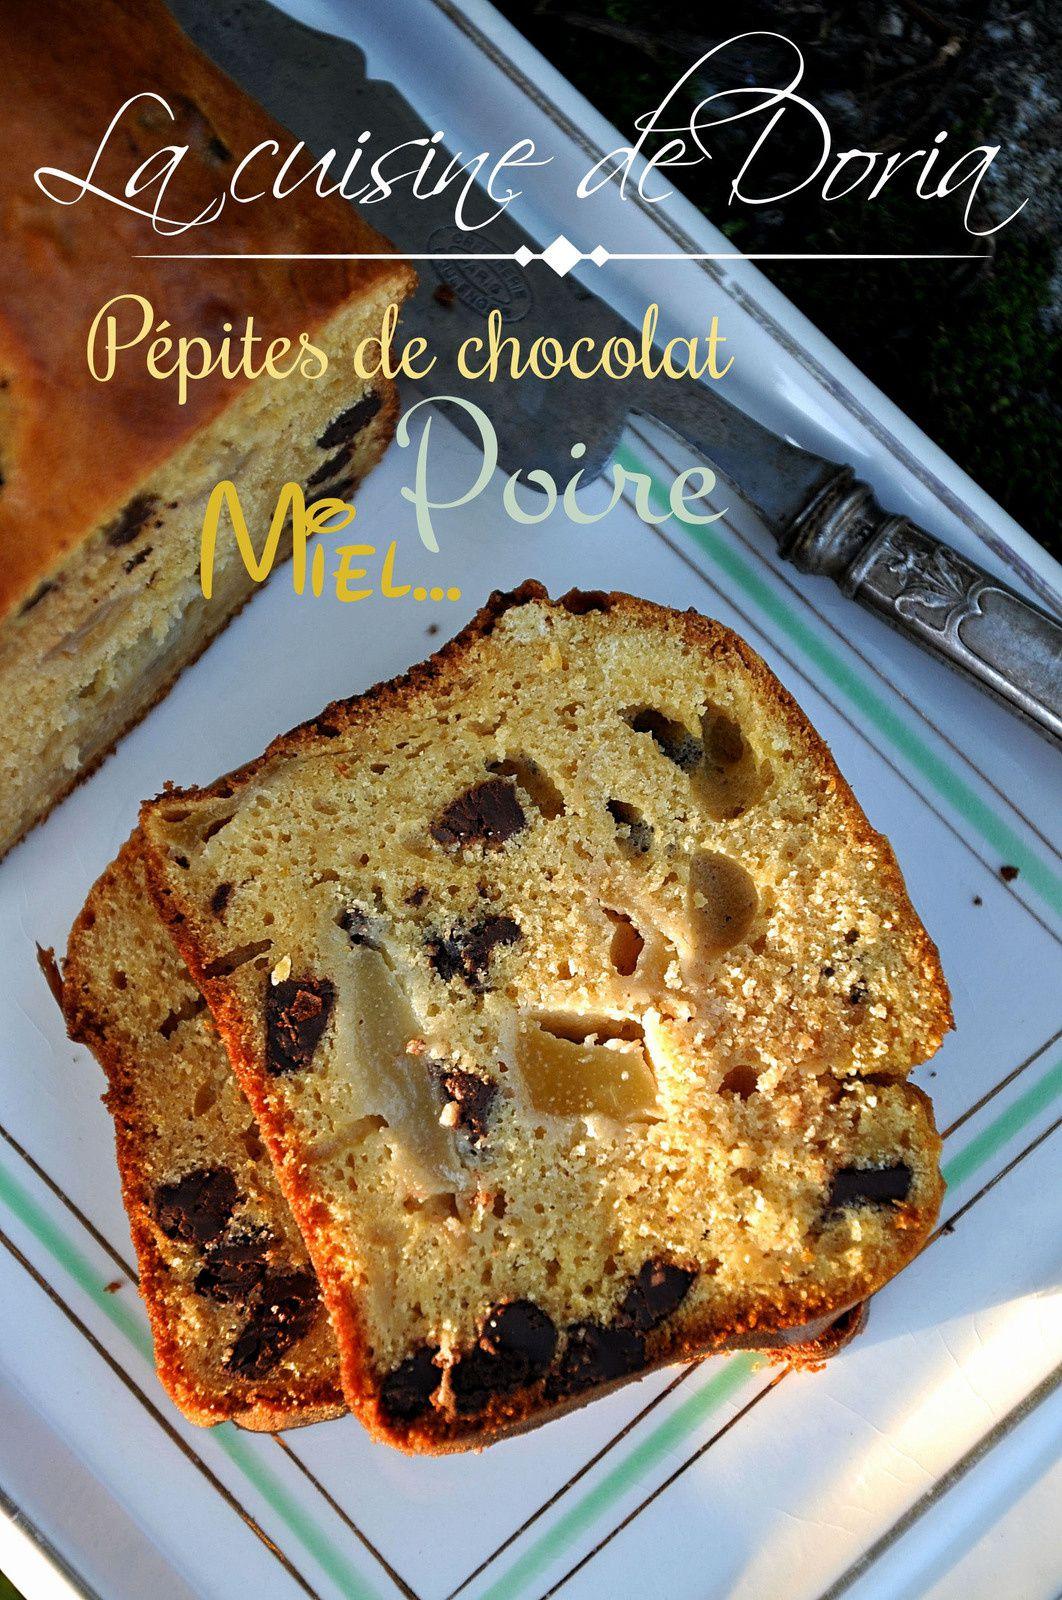 Cake au miel, pépites de chocolat noir, poire et orange